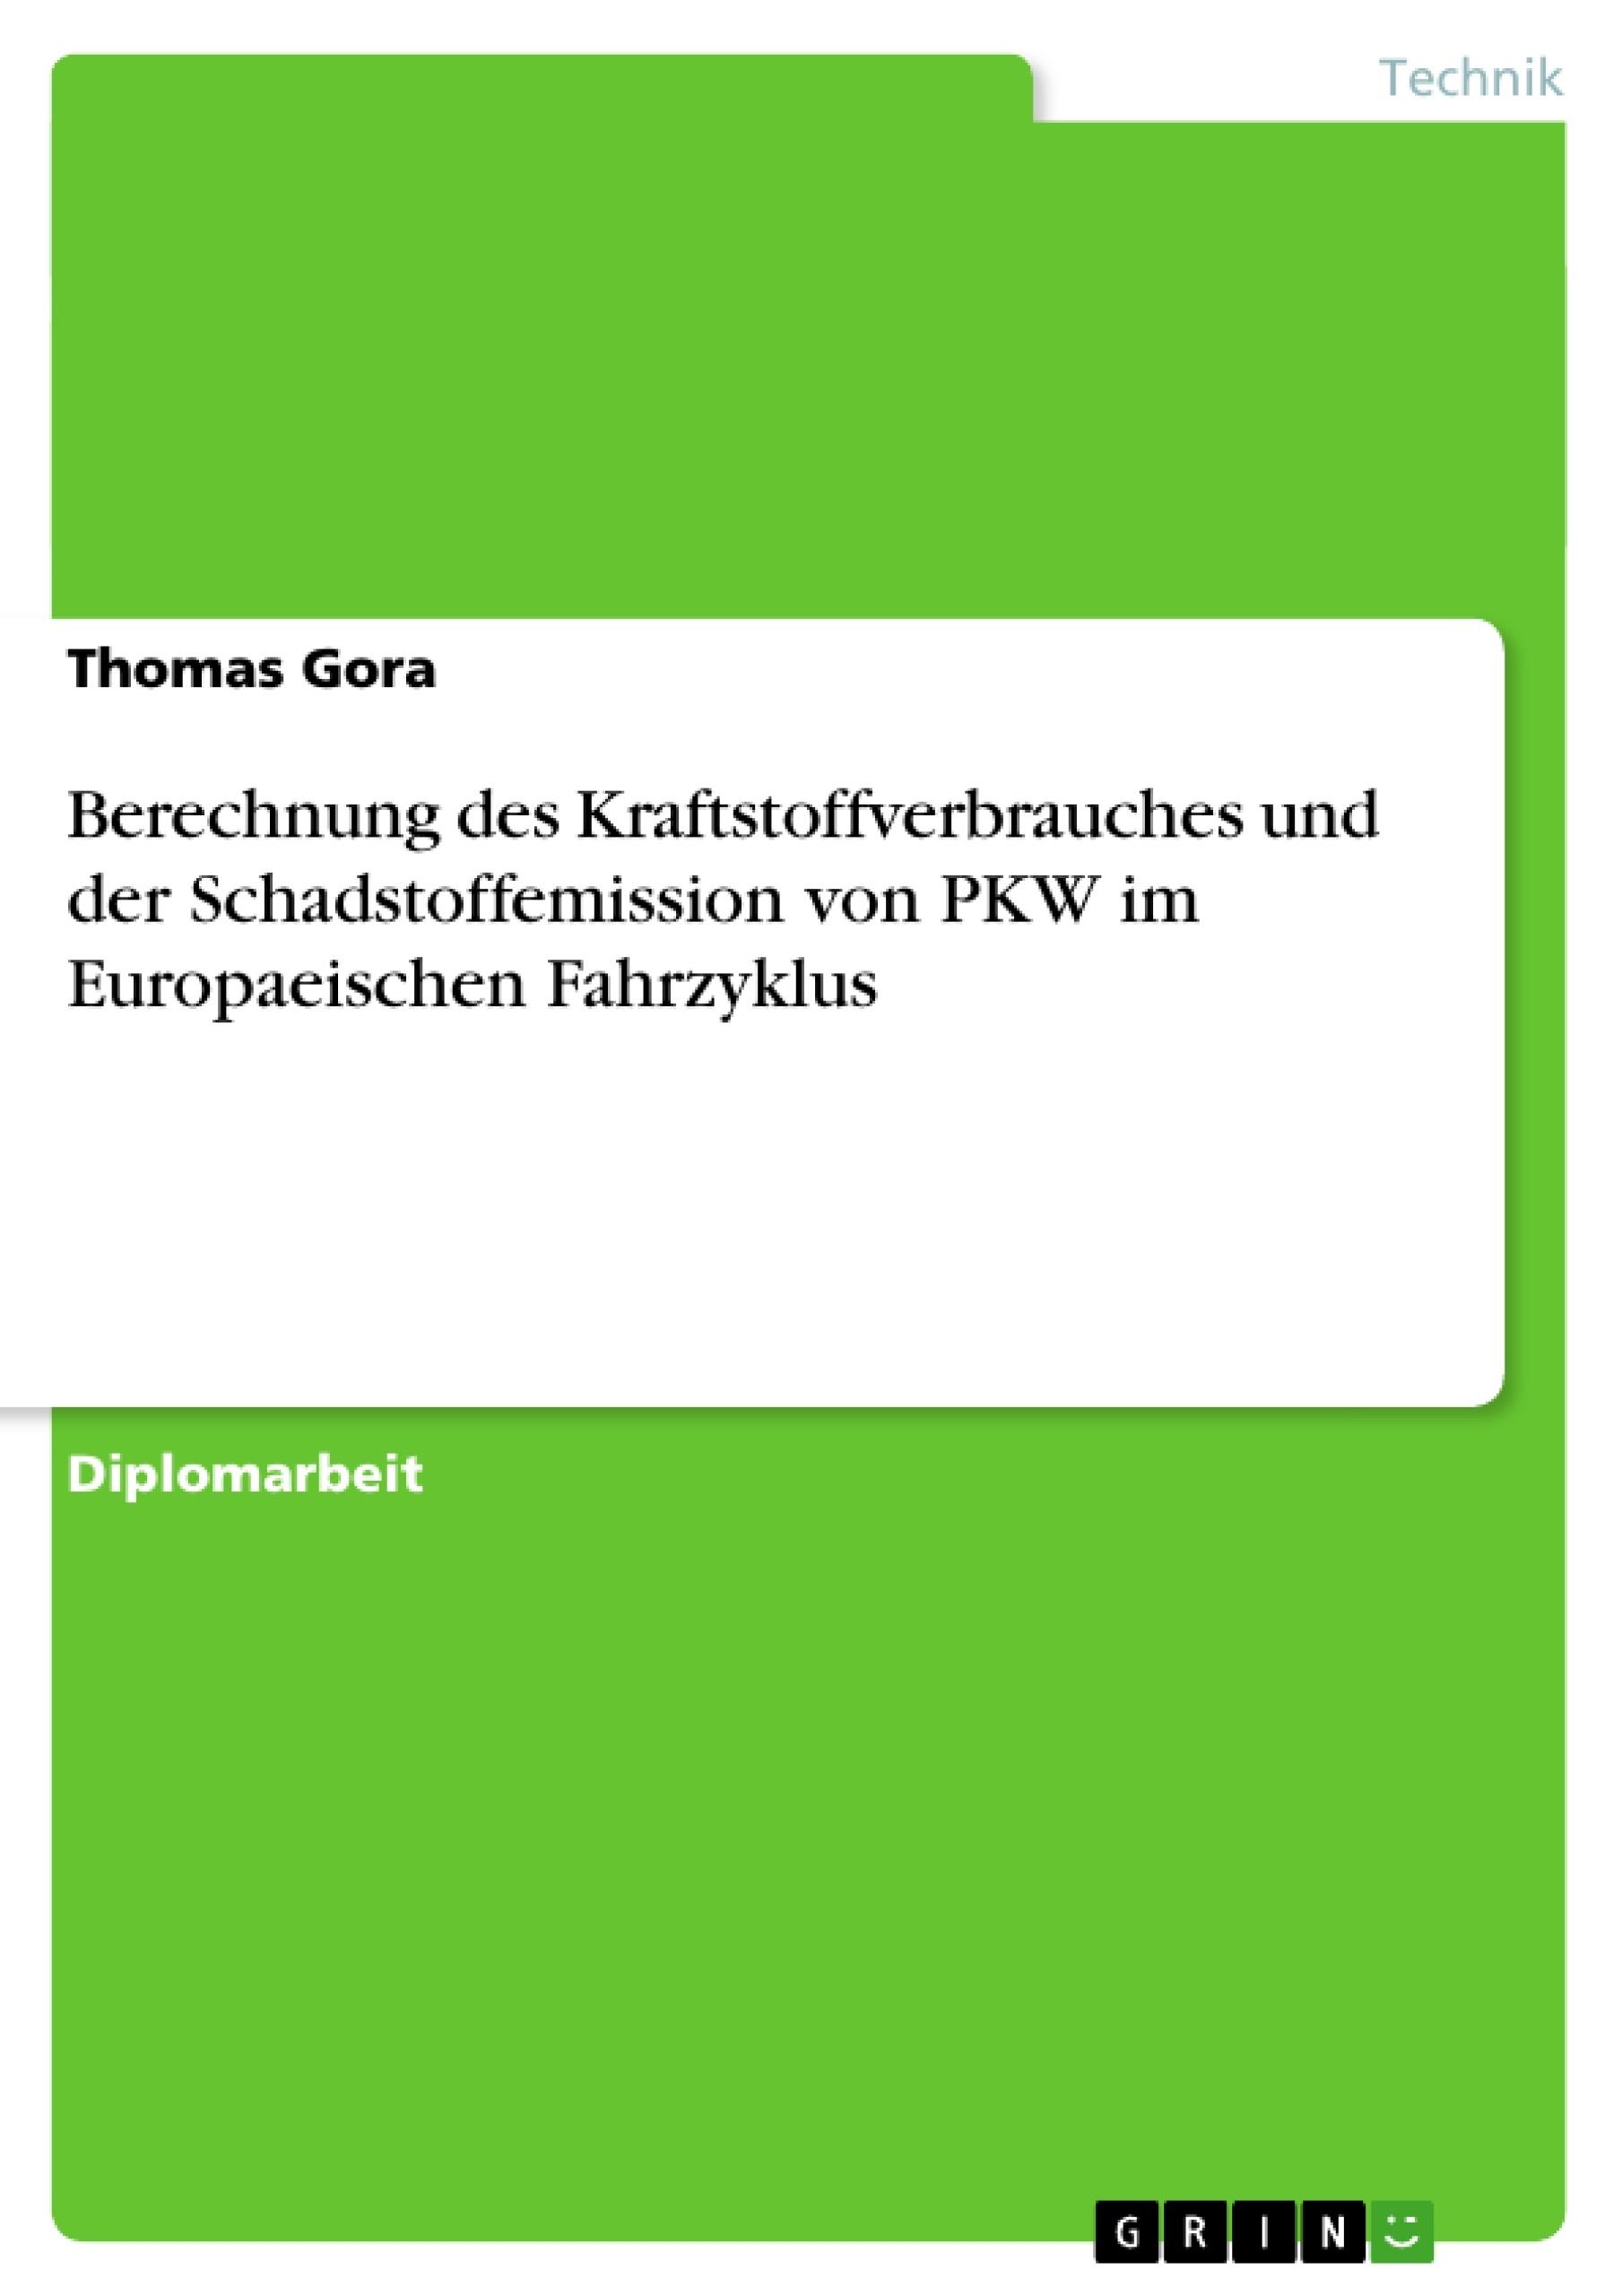 Titel: Berechnung des Kraftstoffverbrauches und der Schadstoffemission von PKW im Europaeischen Fahrzyklus